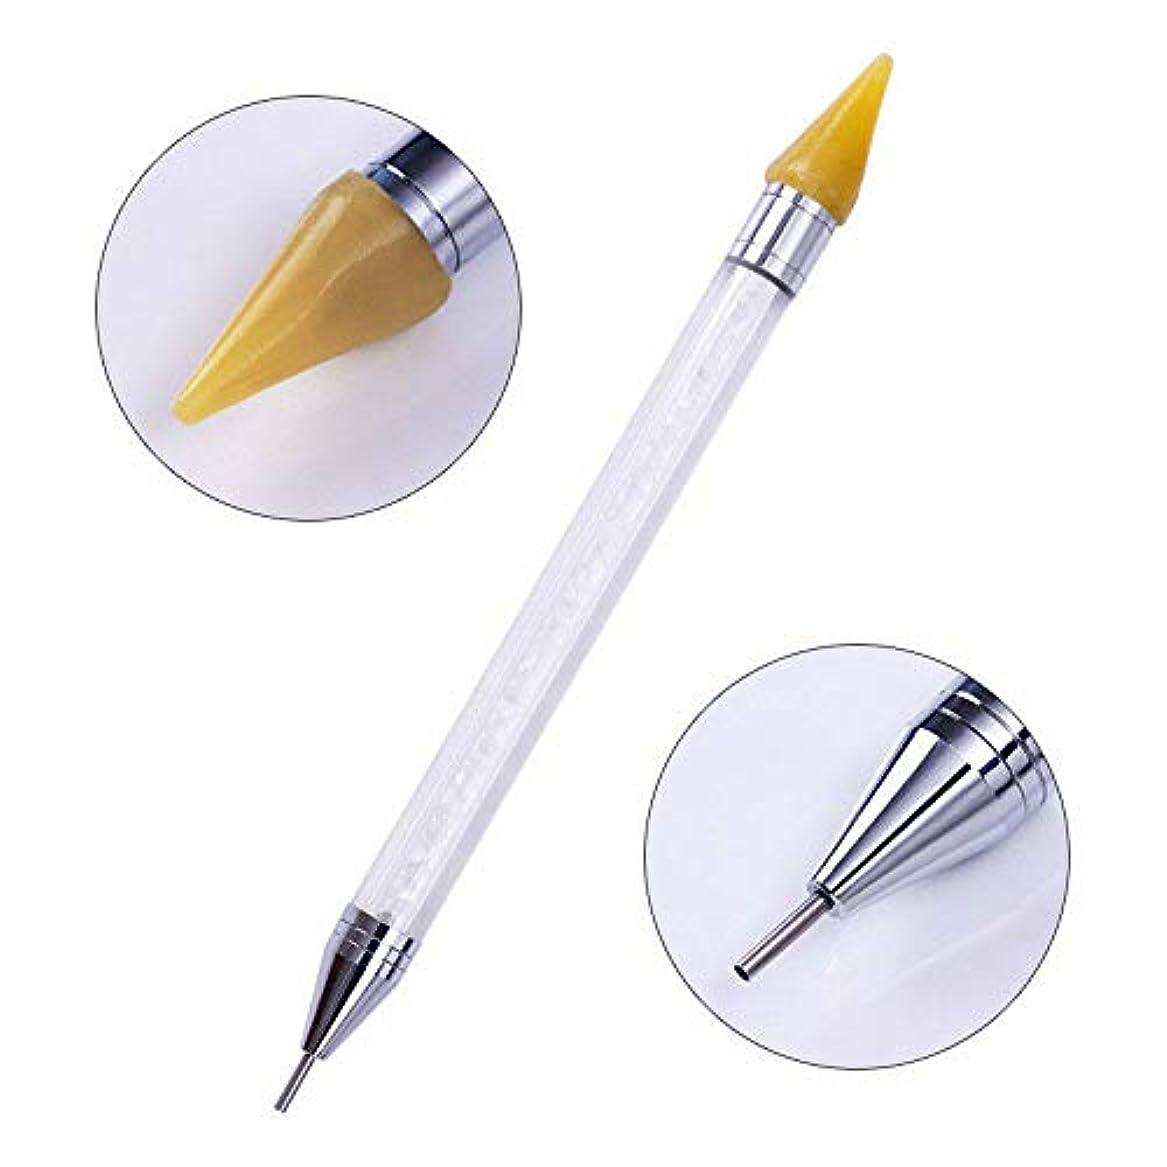 リーフレットこれらヤギFidgetGear ネイルアートラインストーンピッカーワックス鉛筆クリスタルビーズのハンドルデュアルエンドドットペン